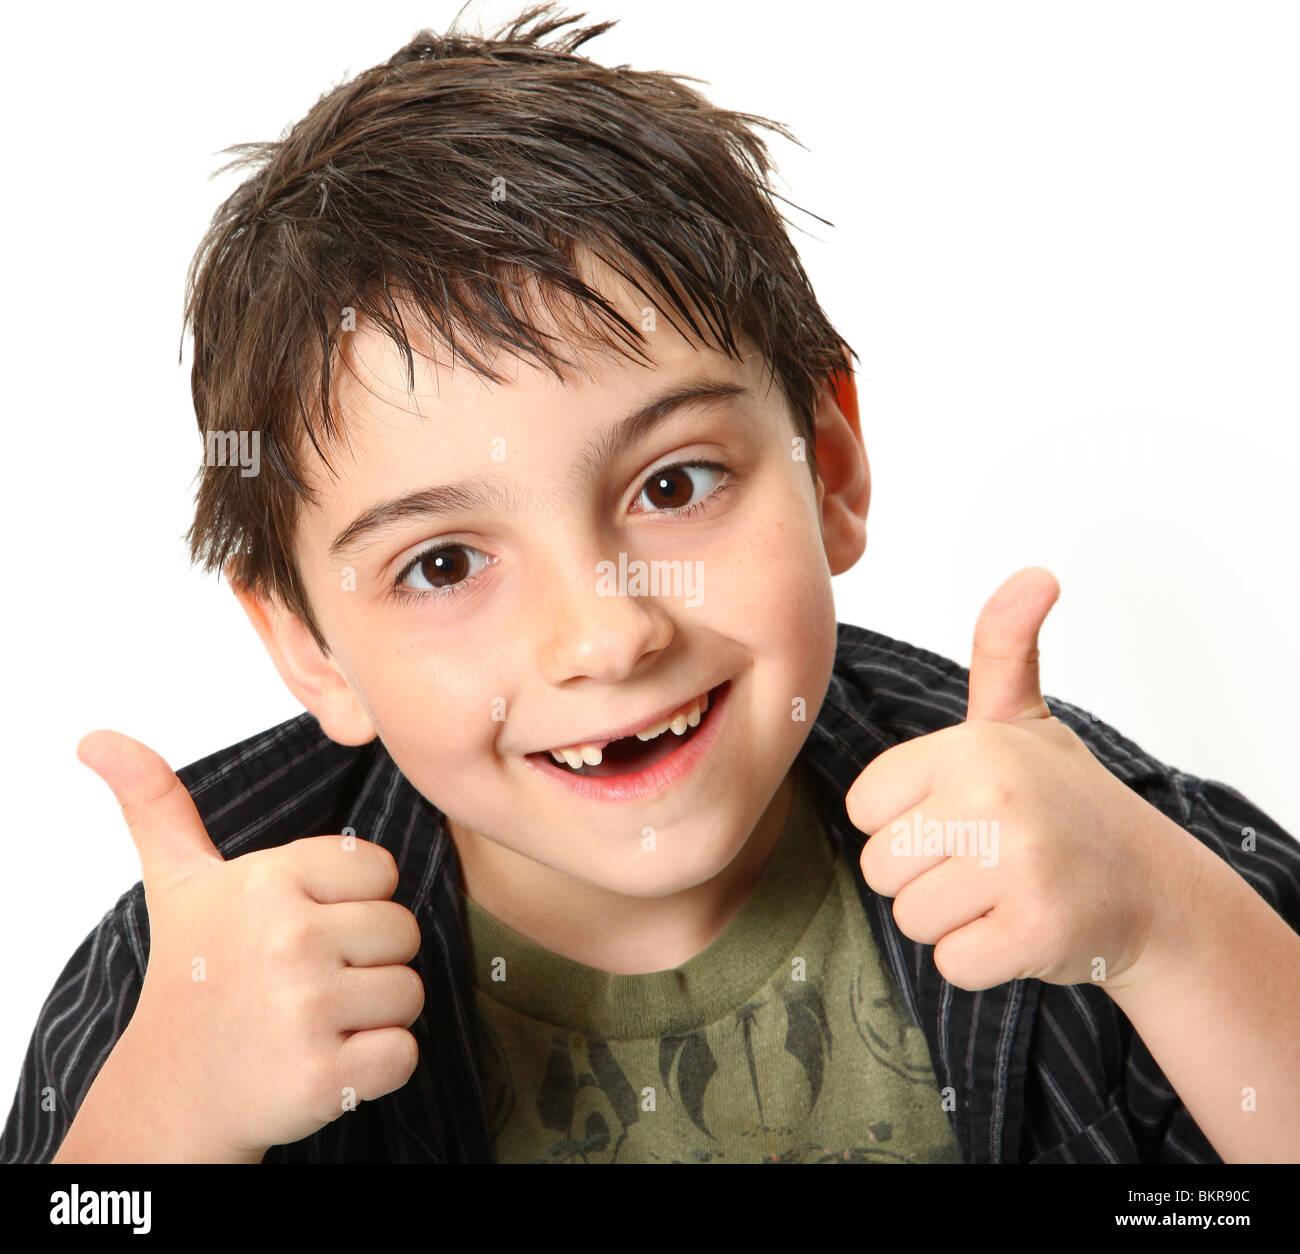 Silly sette anno vecchio ragazzo rendendo gli occhi incrociati e pollice su gesto. Immagini Stock